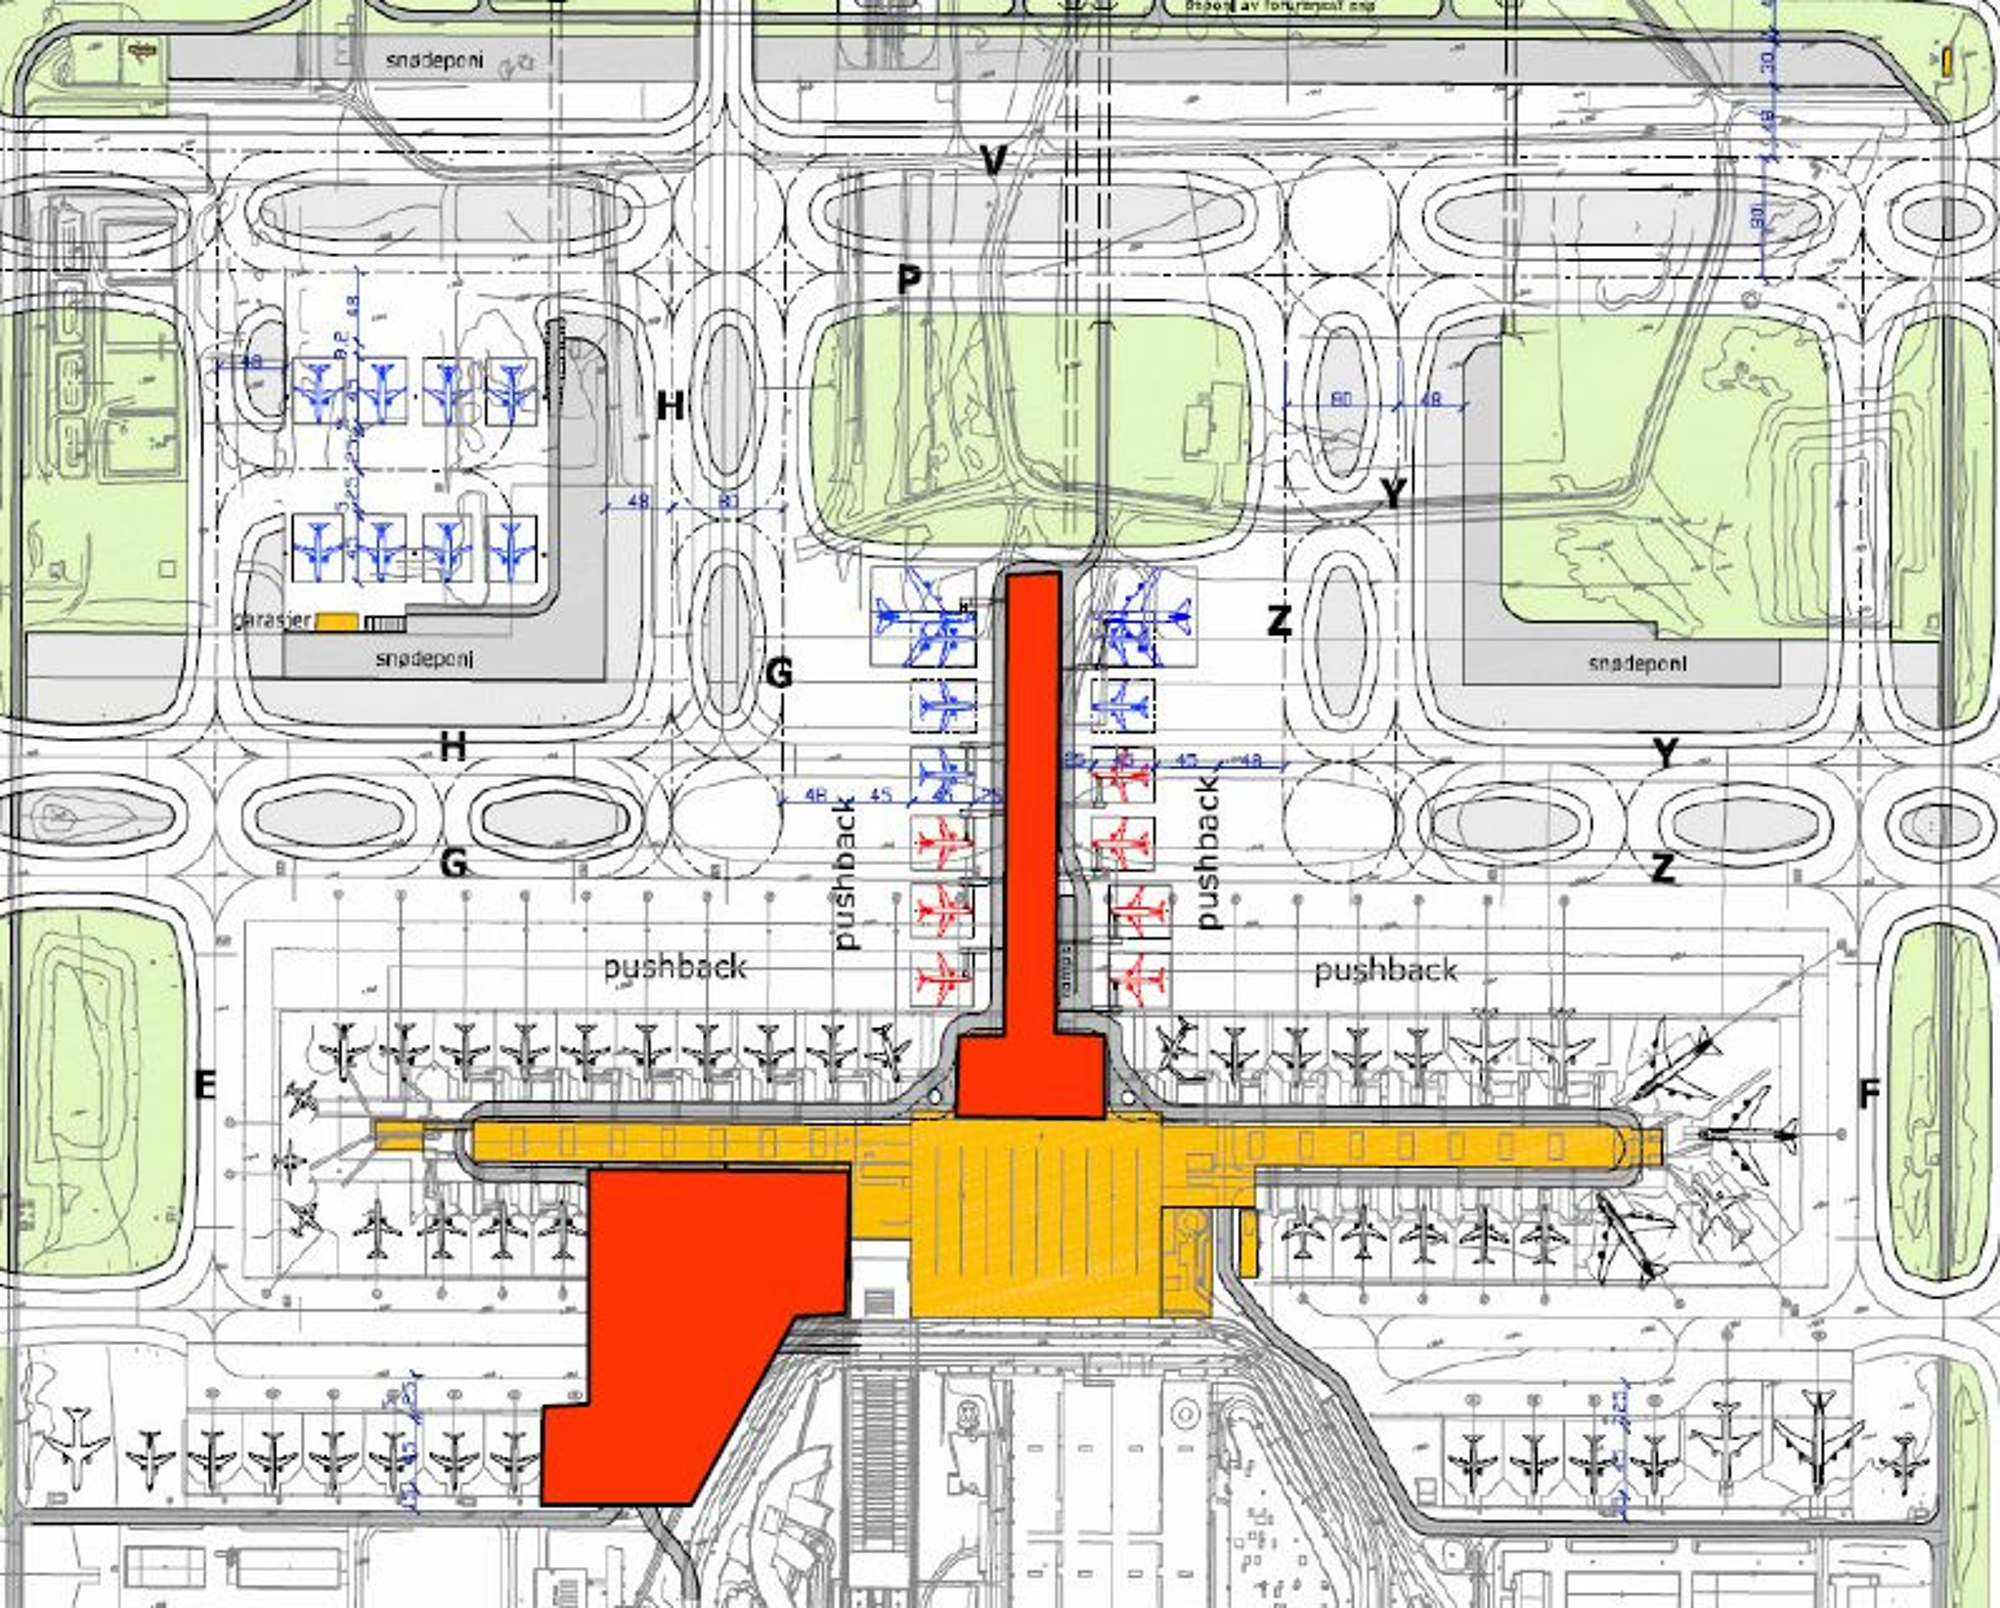 Slik er plantegningen for nye Gardermoen. Avinor-styret vedtok i dag at den nye piren skal bygges rett nordover (i rødt). På tegningen vises også en ny fjernoppstillingsplass og den nye terminalbygningen som tidligere er vedtatt plassert vest for dagens sentralbygning.